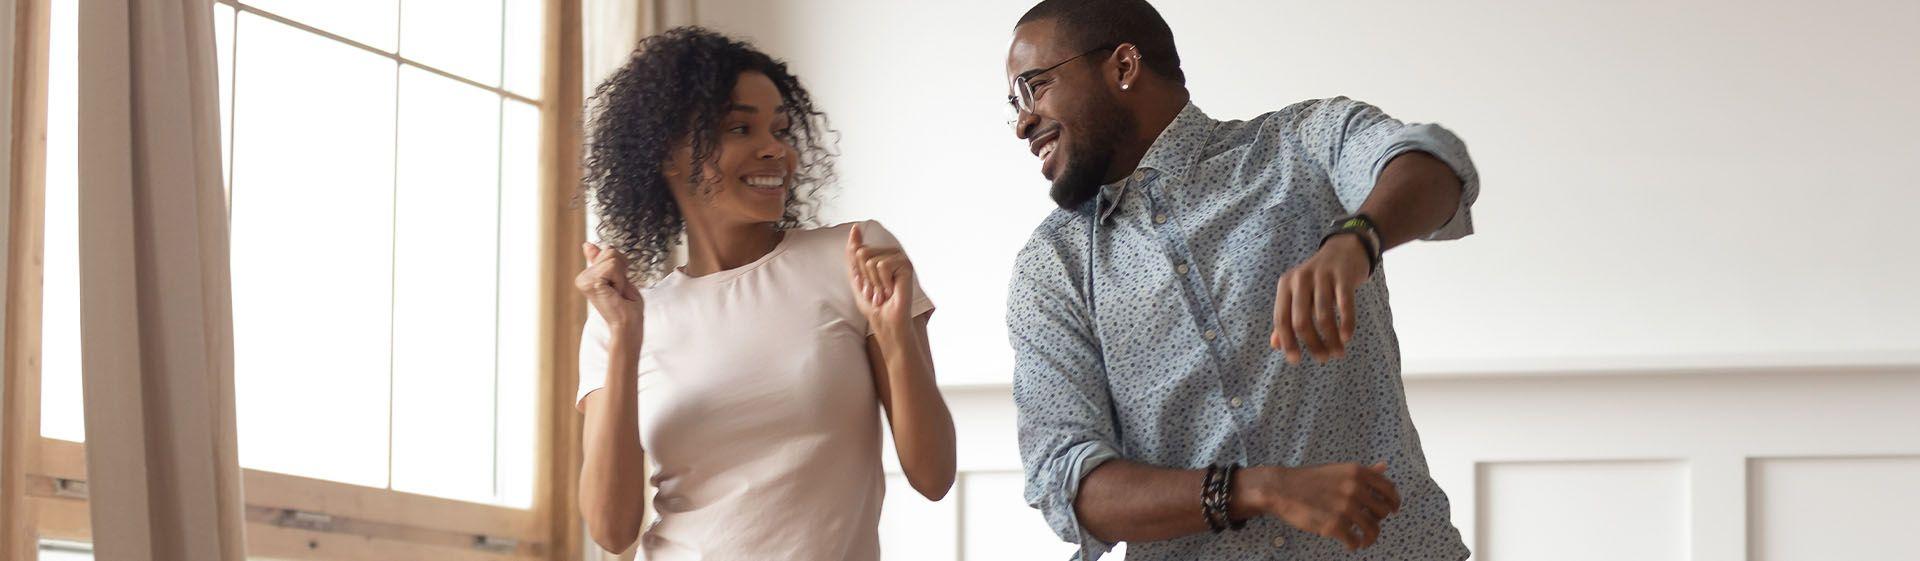 O que fazer no Dia dos Namorados em casa: 5 ideias para surpreender o seu amor